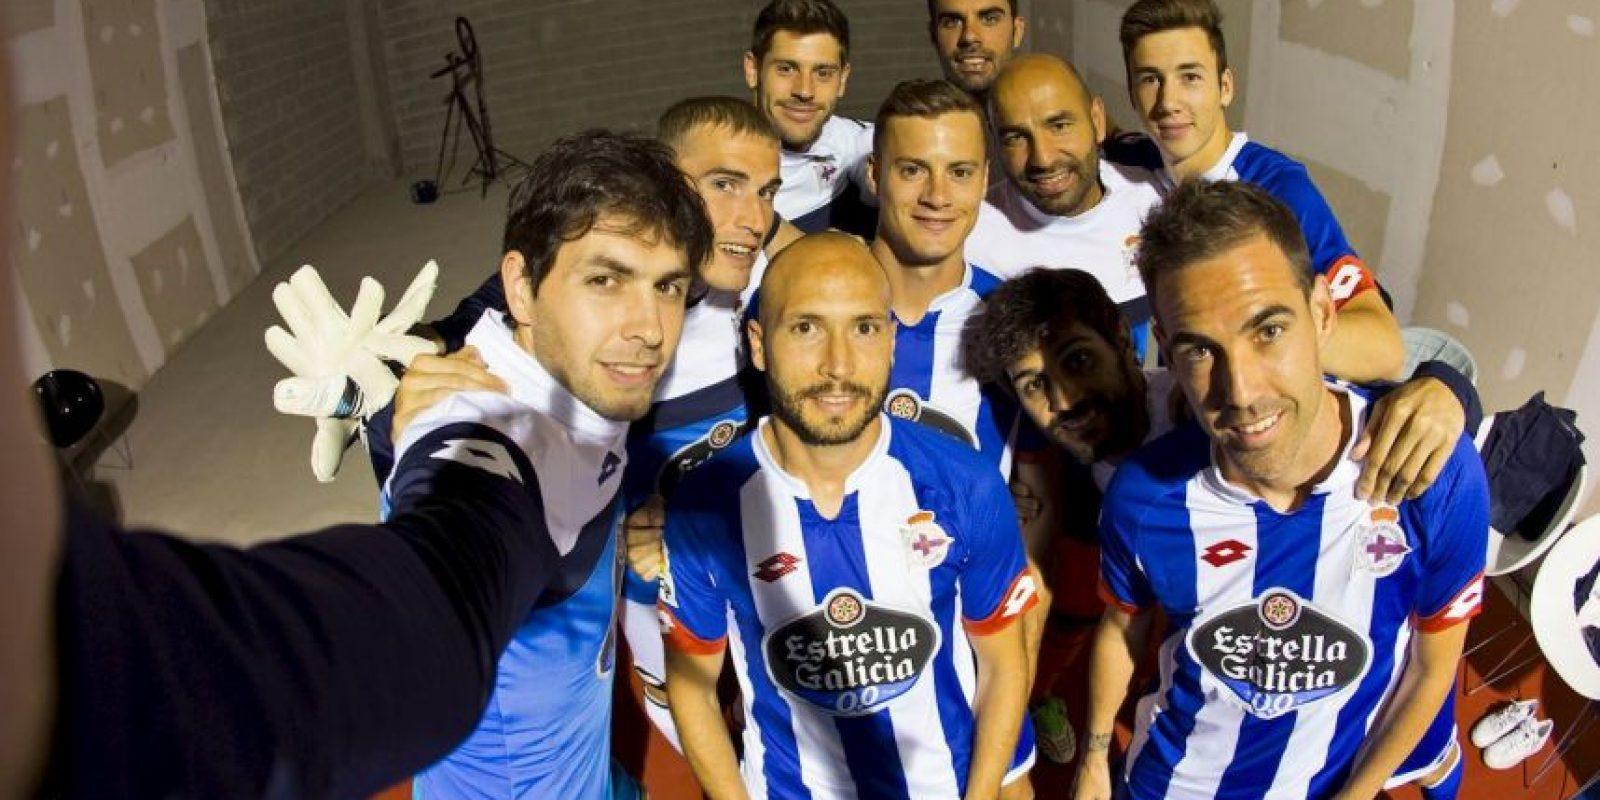 Sólo hicieron 35 puntos la campaña pasada gracias a 7 victorias y 14 empates. Foto:Vía facebook.com/RCDeportivo